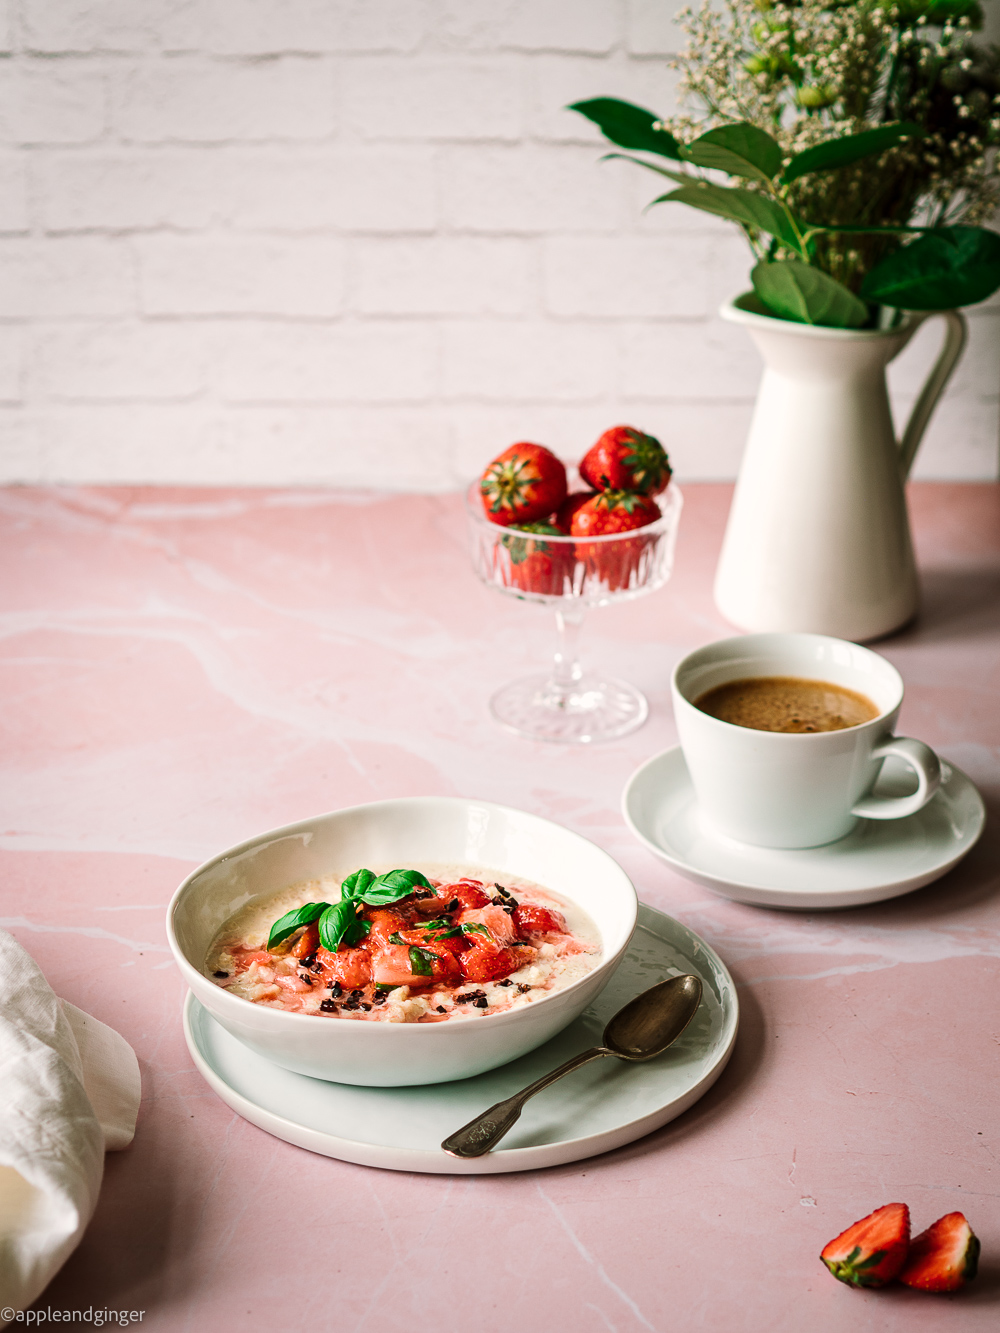 Milchreis mit Erdbeerlompott auf einem rosa Marmor Untergrund mit Kaffeetasse